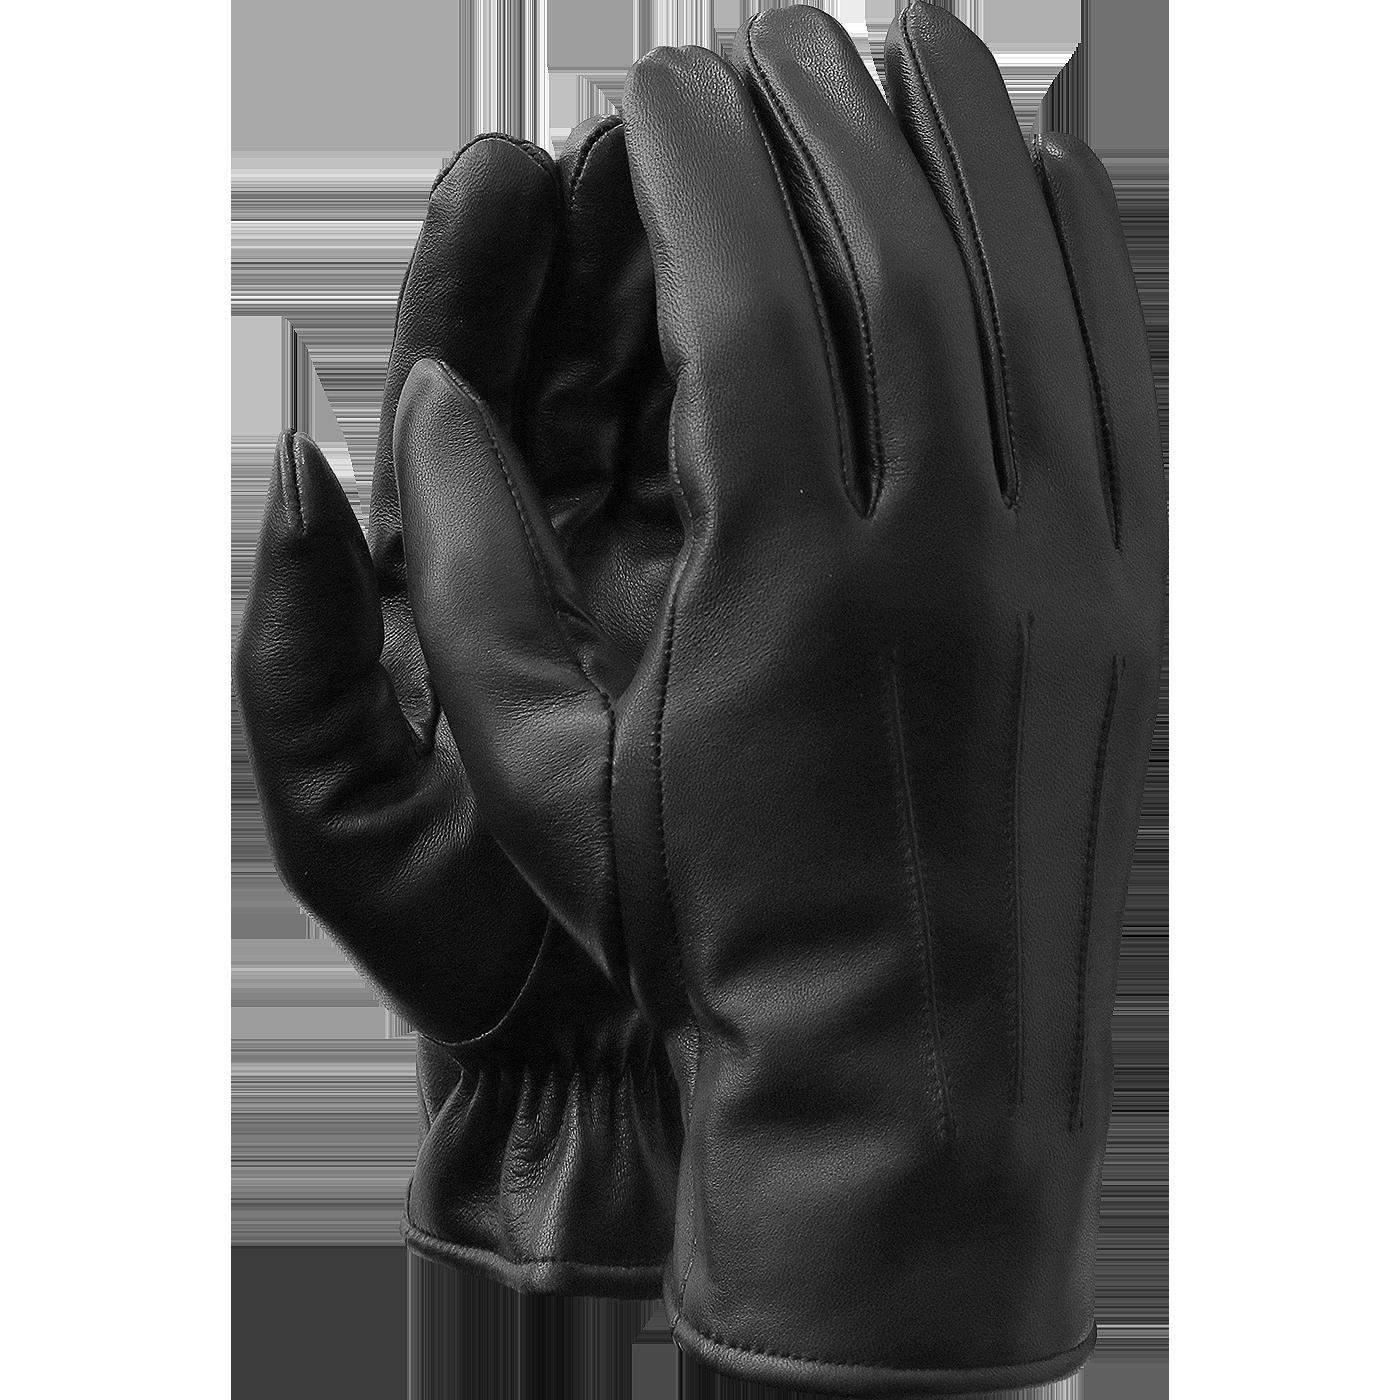 SHOWA устойчивые к химикатам рабочие перчатки с нитриловым покрытием